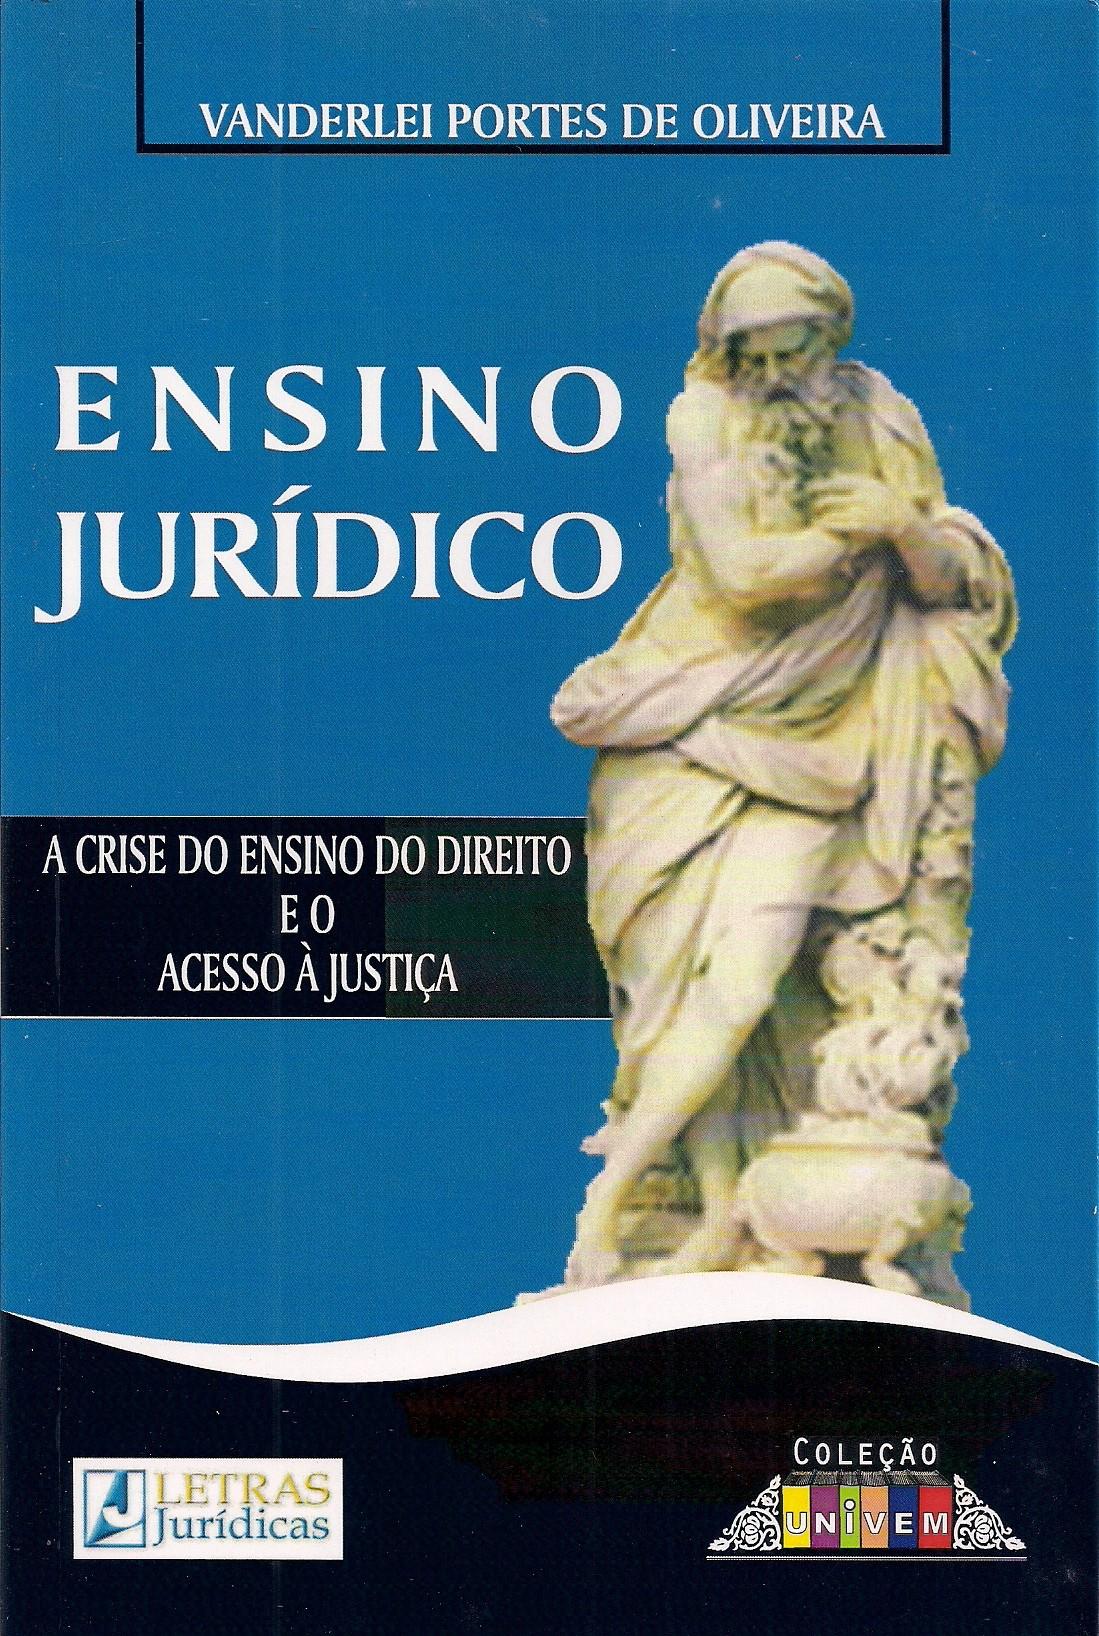 Foto 1 - Ensino Jurídico - A Crise do Ensino no Direito e o Acesso à Justiça